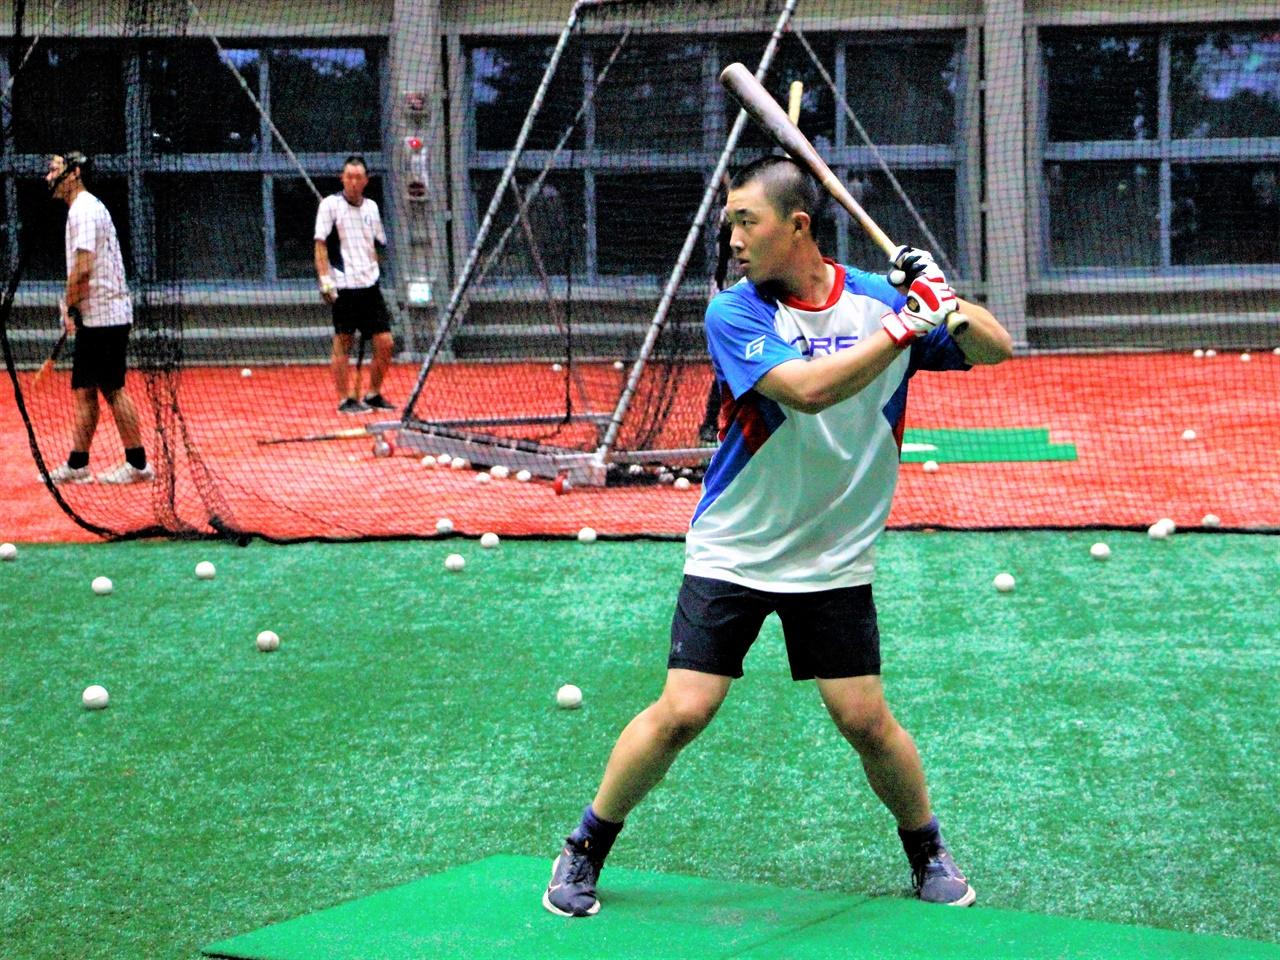 강릉고등학교 실내연습장에서 훈련을 이어가는 김예준 선수.